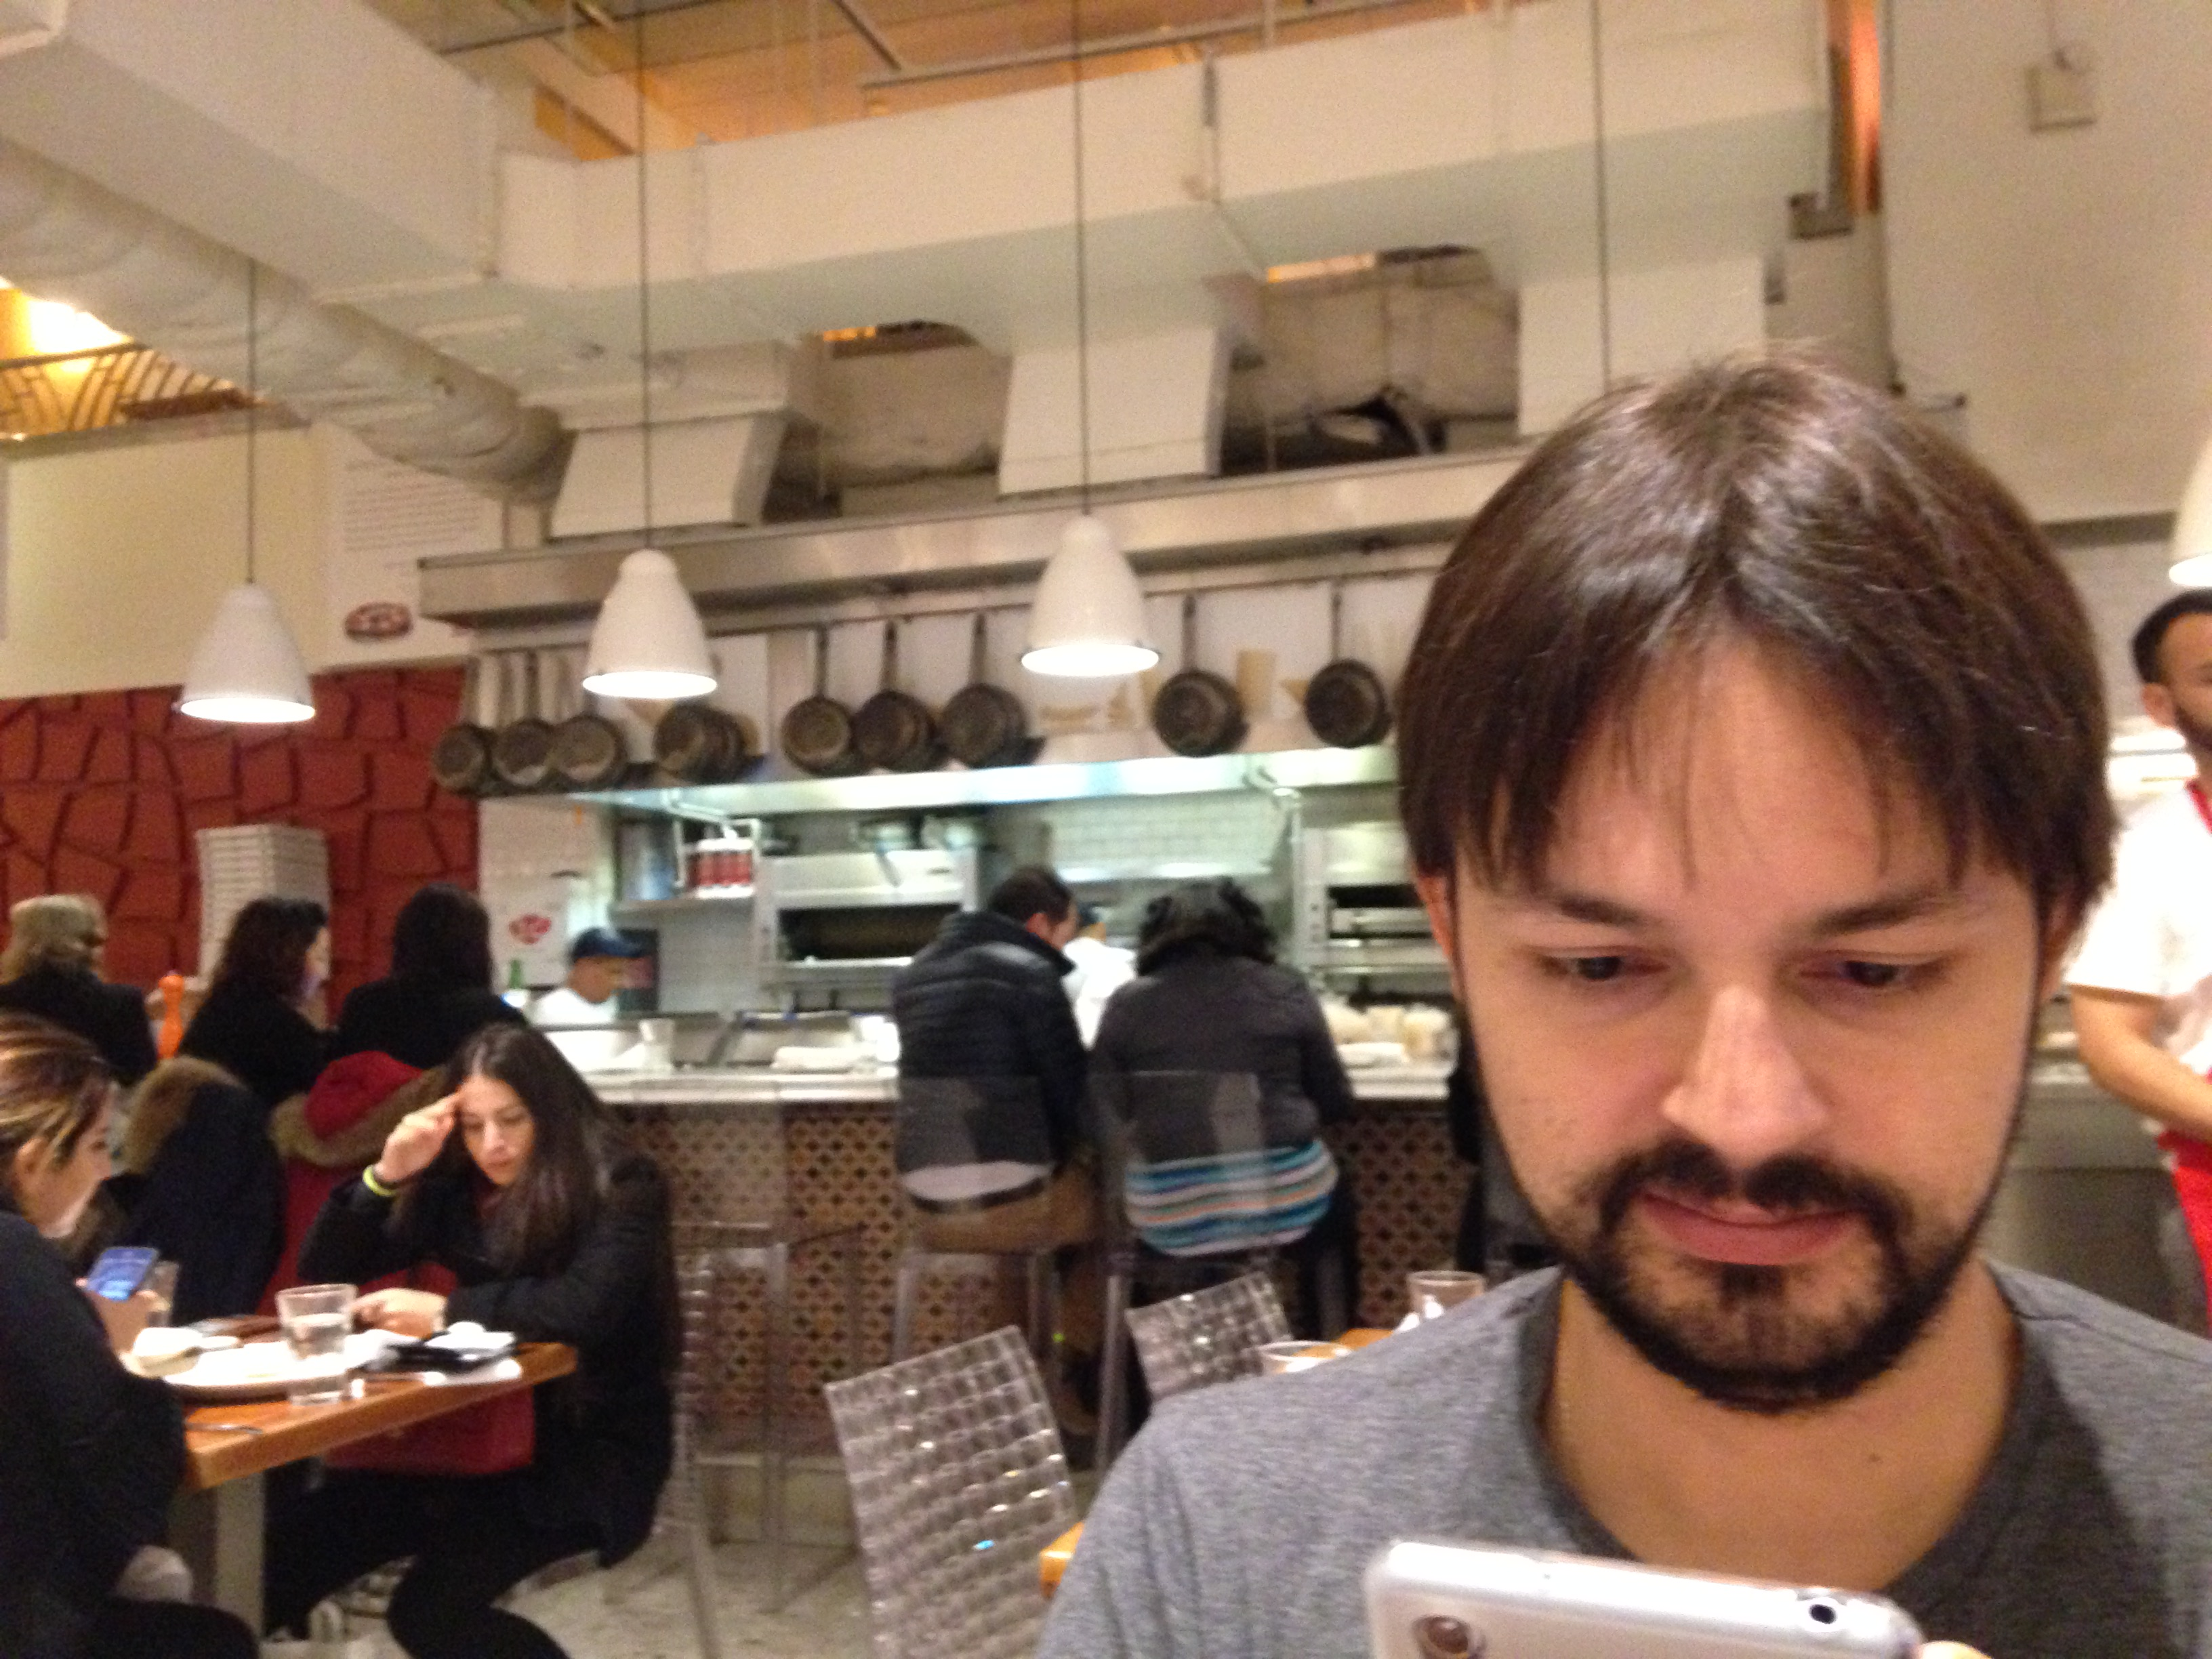 20141113 192017651 ios - Almorzando en Eataly en New York